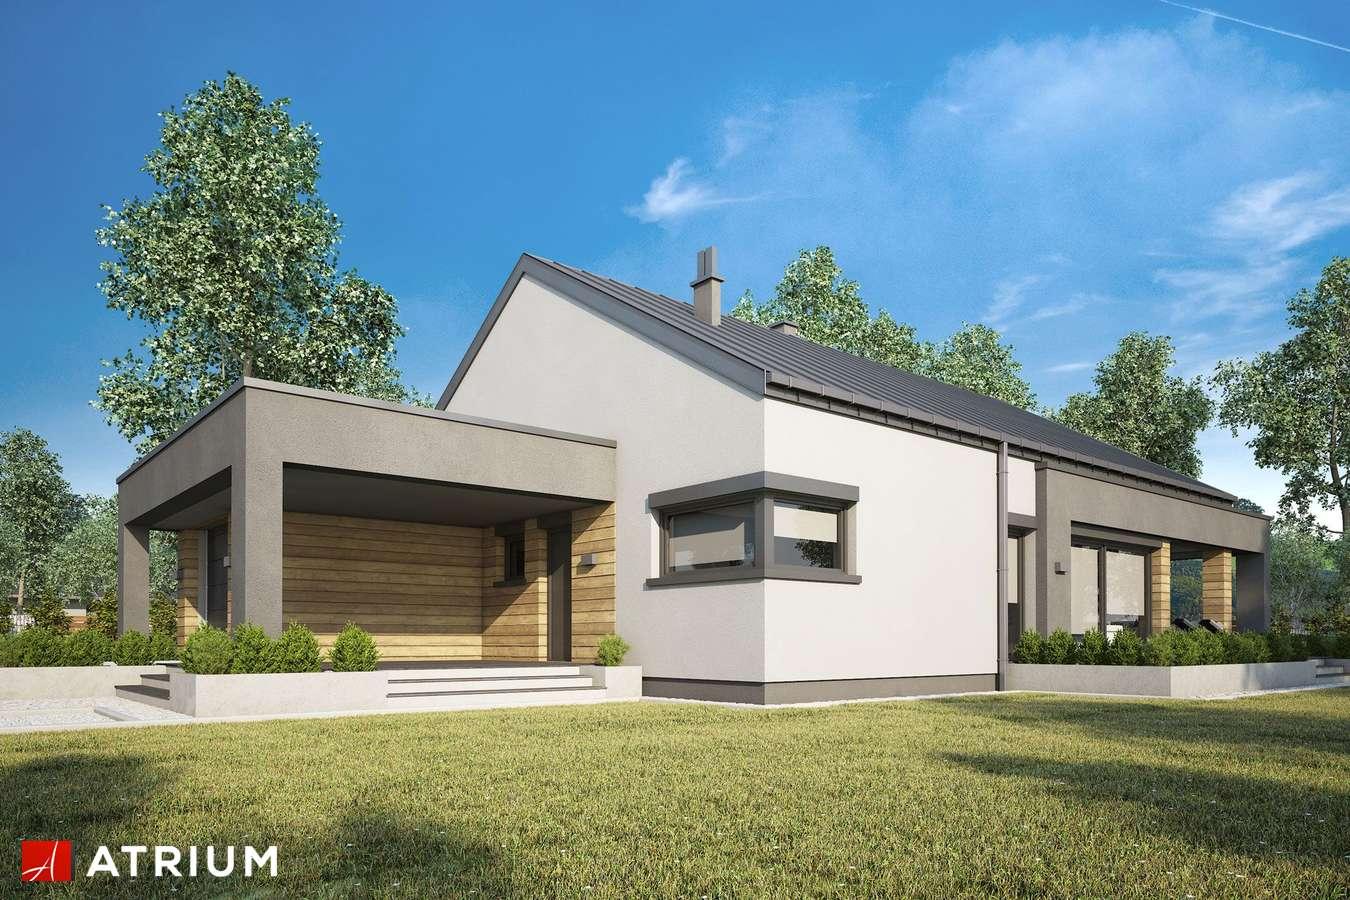 Projekty domów - Projekt domu parterowego SARDYNIA XIV - wizualizacja 1 - wersja lustrzana